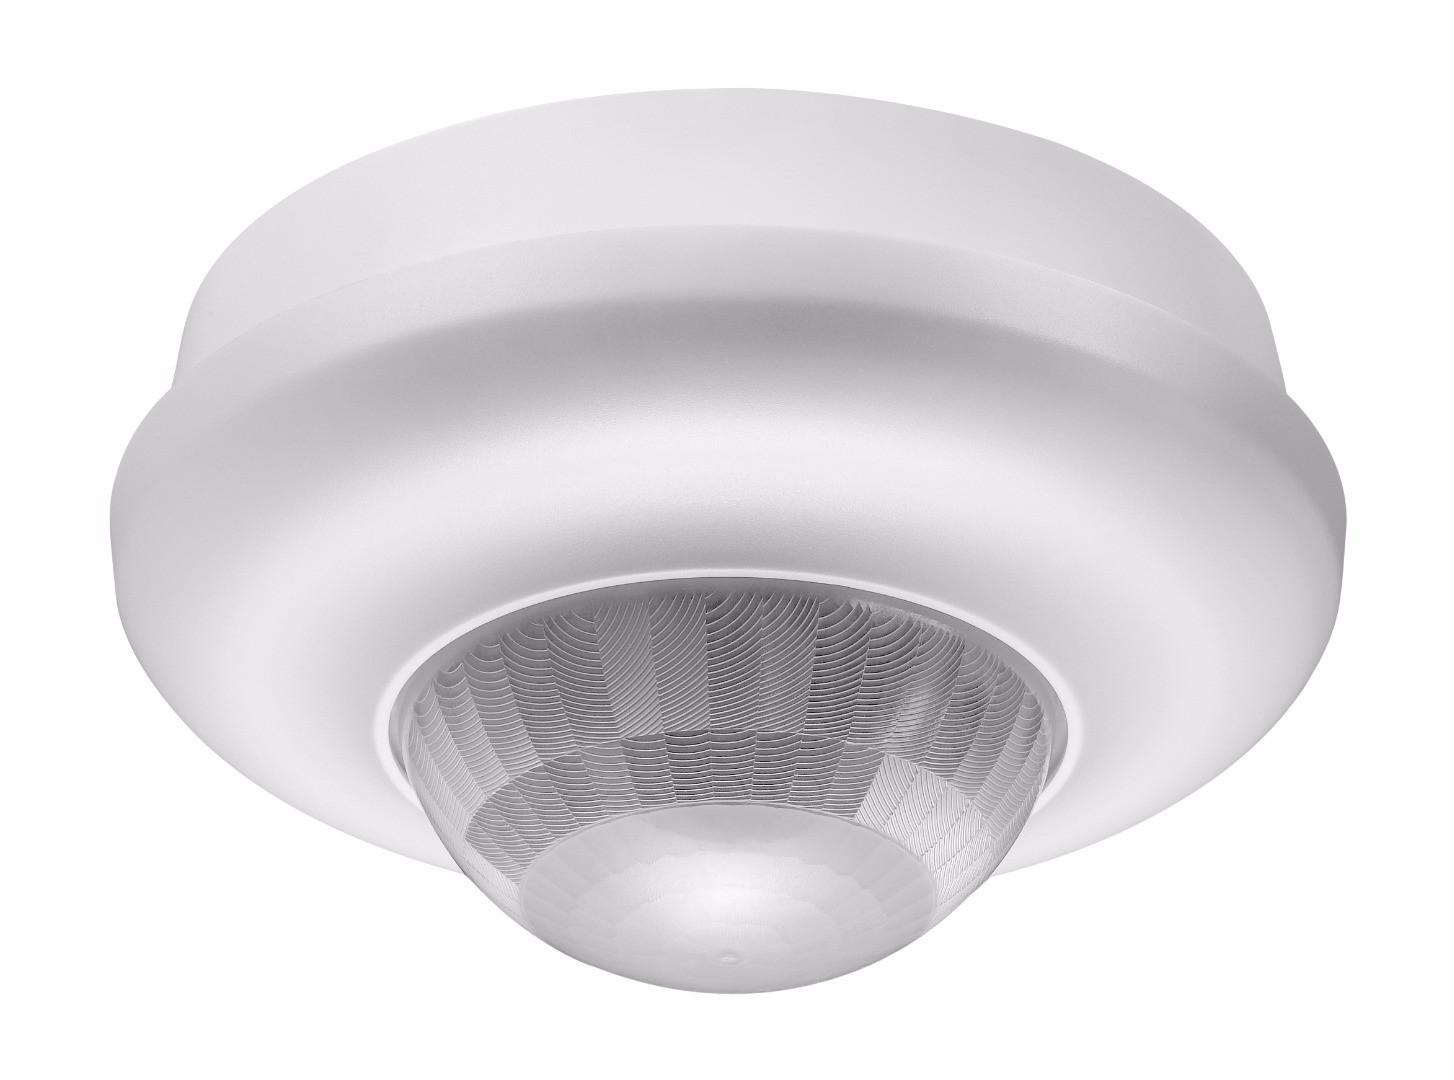 Der DALI Comfort Master kann bis zu 4 Lichtzonen ansteuern. Es stehen 2-3 Zonen für Konstantlichtregelung (Tageslichtgruppe) und 1-2 sekundäre Zonen für den Ein/Aus Betrieb zur Verfügung. (Foto: Züblin)